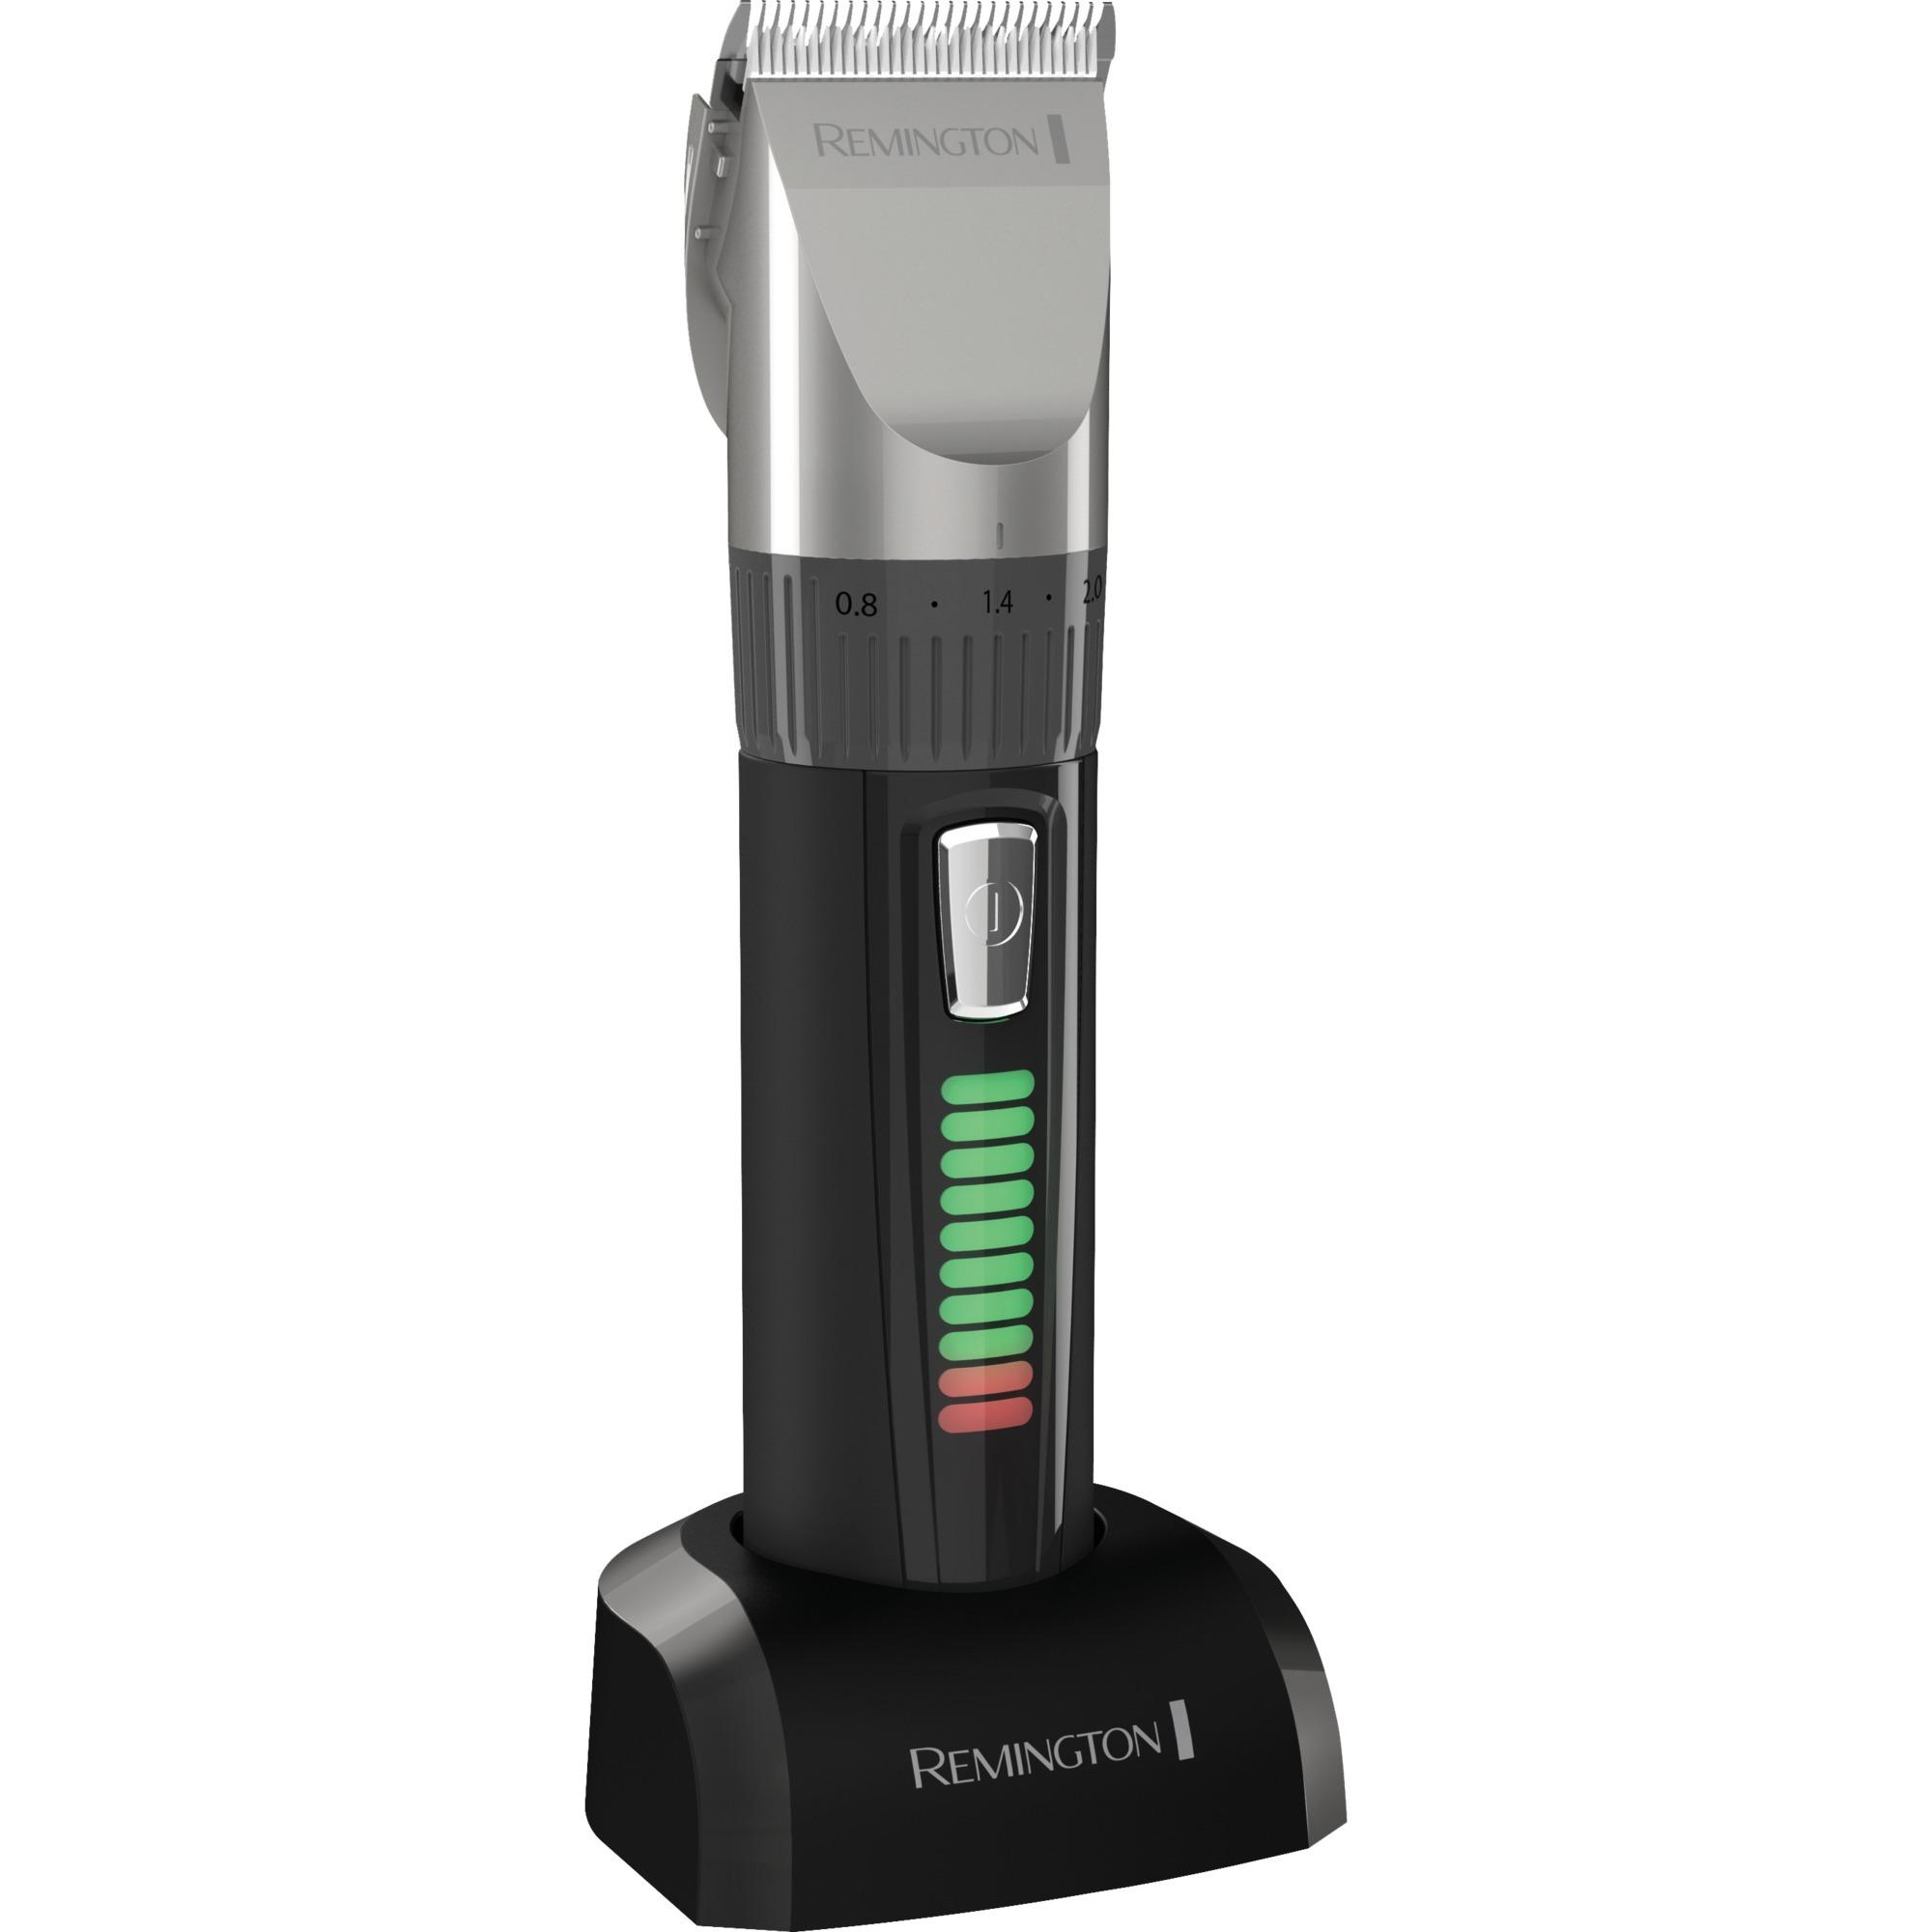 REM-HC5810 cortadoras de pelo y maquinillas, Cortador de pelo